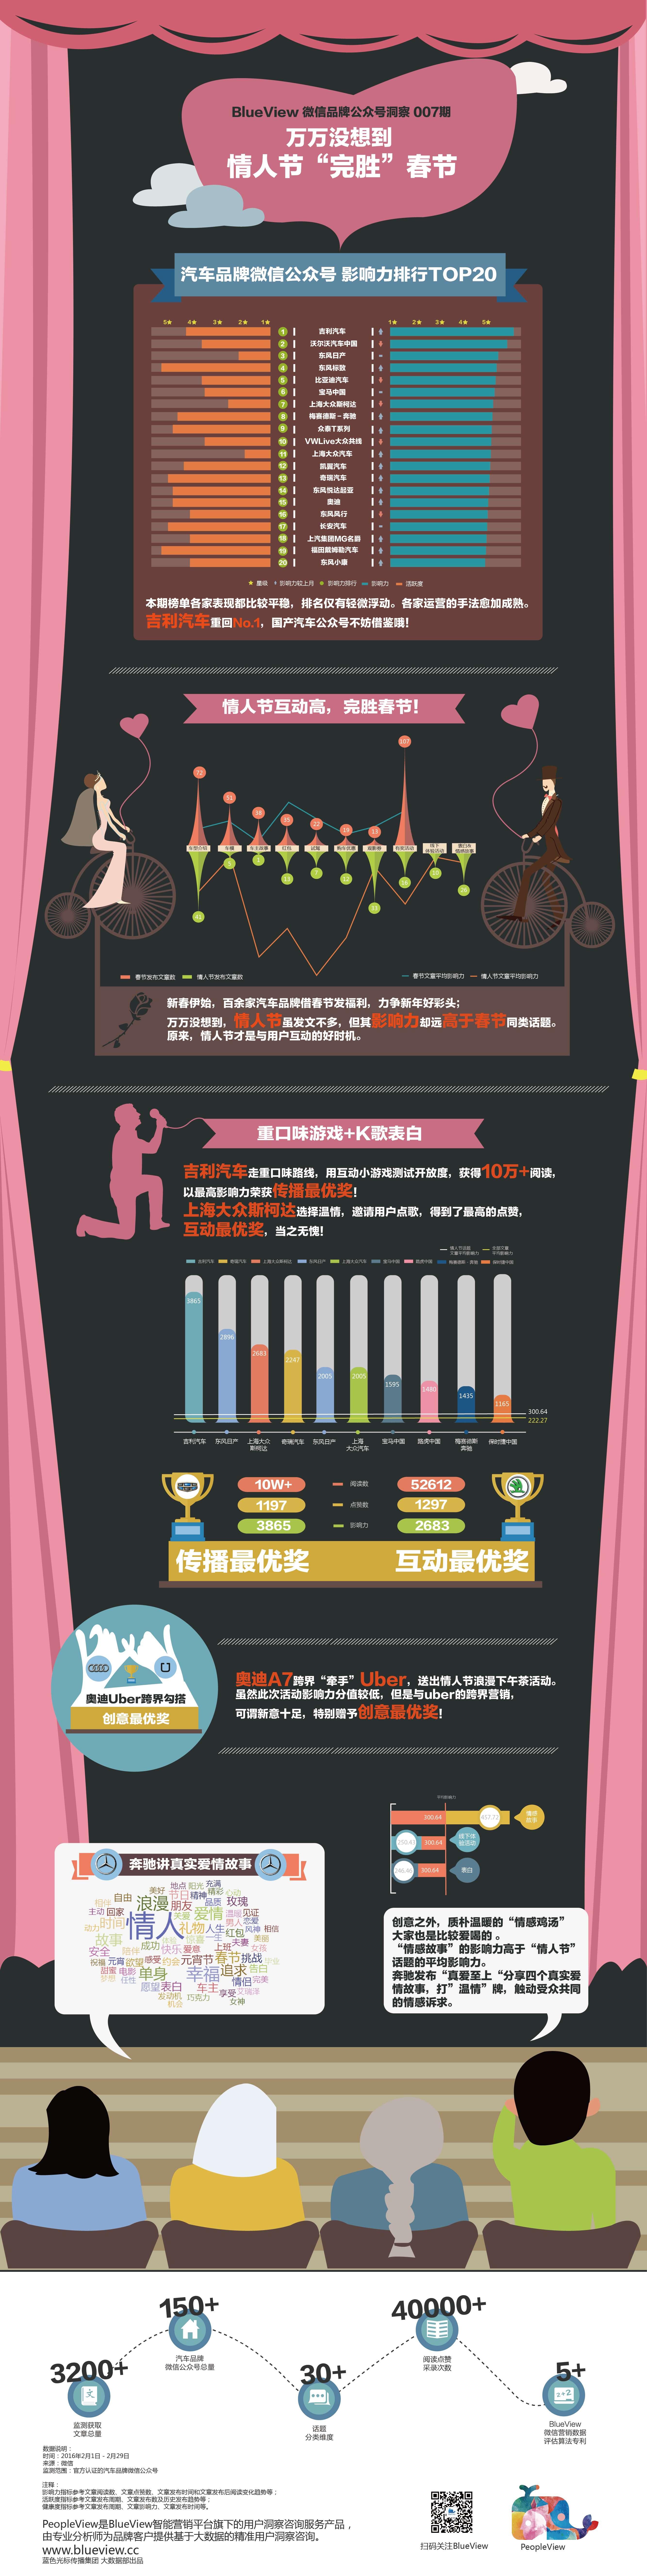 信息图-infographic Feb-01